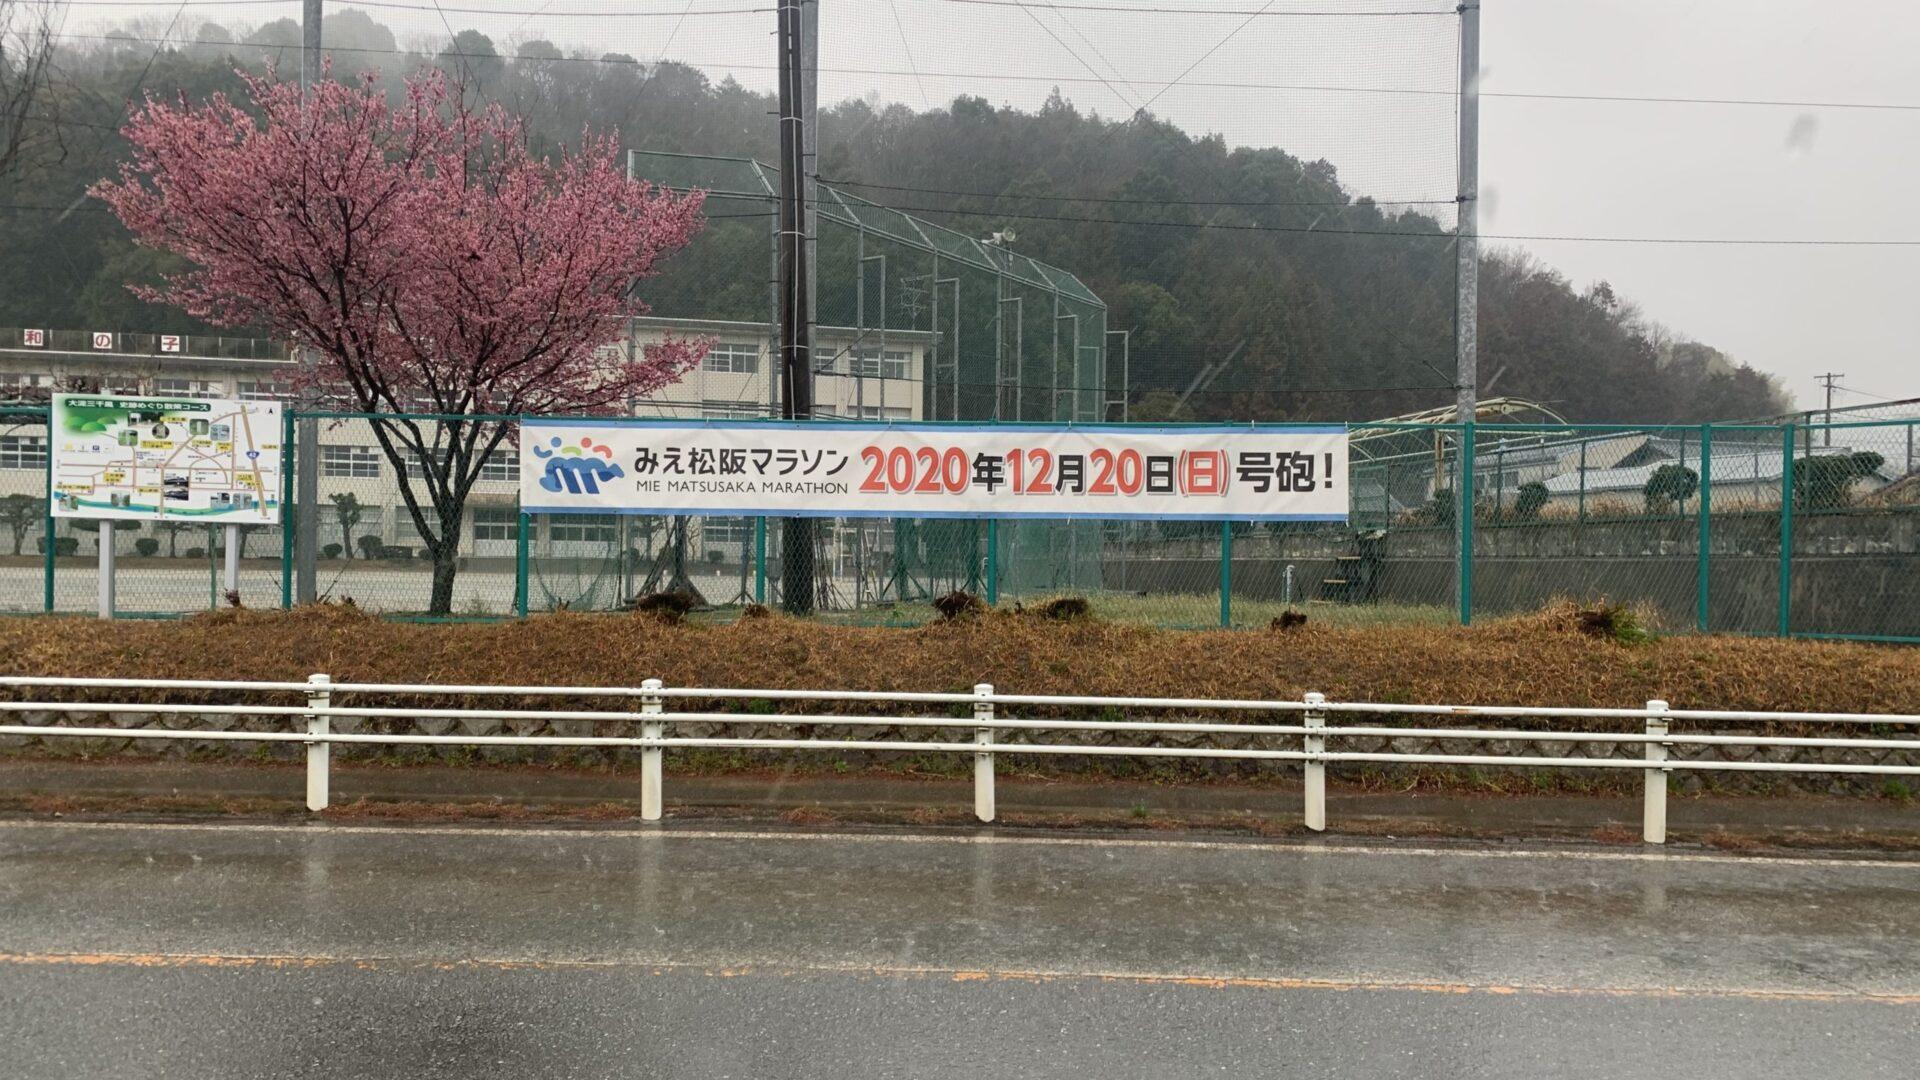 大雨の降る中○にてみえ松松阪マラソン・フルコースを試走した結果